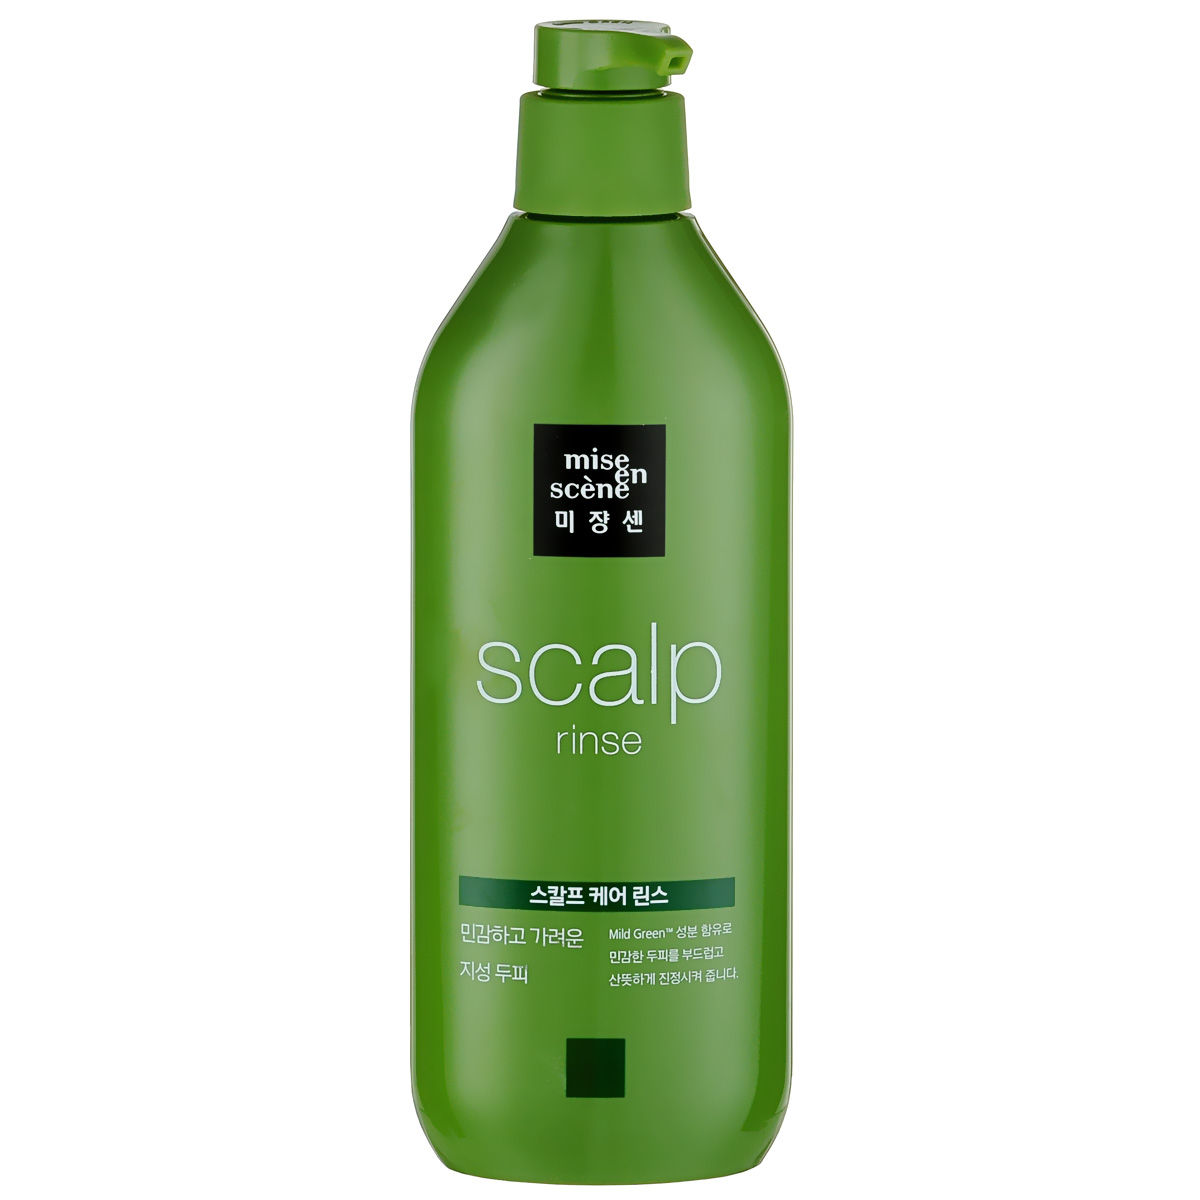 Mise en Scene Кондиционер для волос Style Green Scalp Care, 530 млOT.98/28Анти-возрастной комплекс бросает вызов старению волос.Содержит концентрированный белок, который укрепляет поврежденные волосы. Сильный антиоксидантный эффект возвращает эластичность тонким, ослабленным волосам.Экстракт маточного пчелиного молочка питает волосы и усиливает их блеск. Кувшинка белая выводит токсины, скопившиеся в коже головы. Имбирь устраняет причины зуда и раздражения. Экстракт бамбука увлажняет волосы.